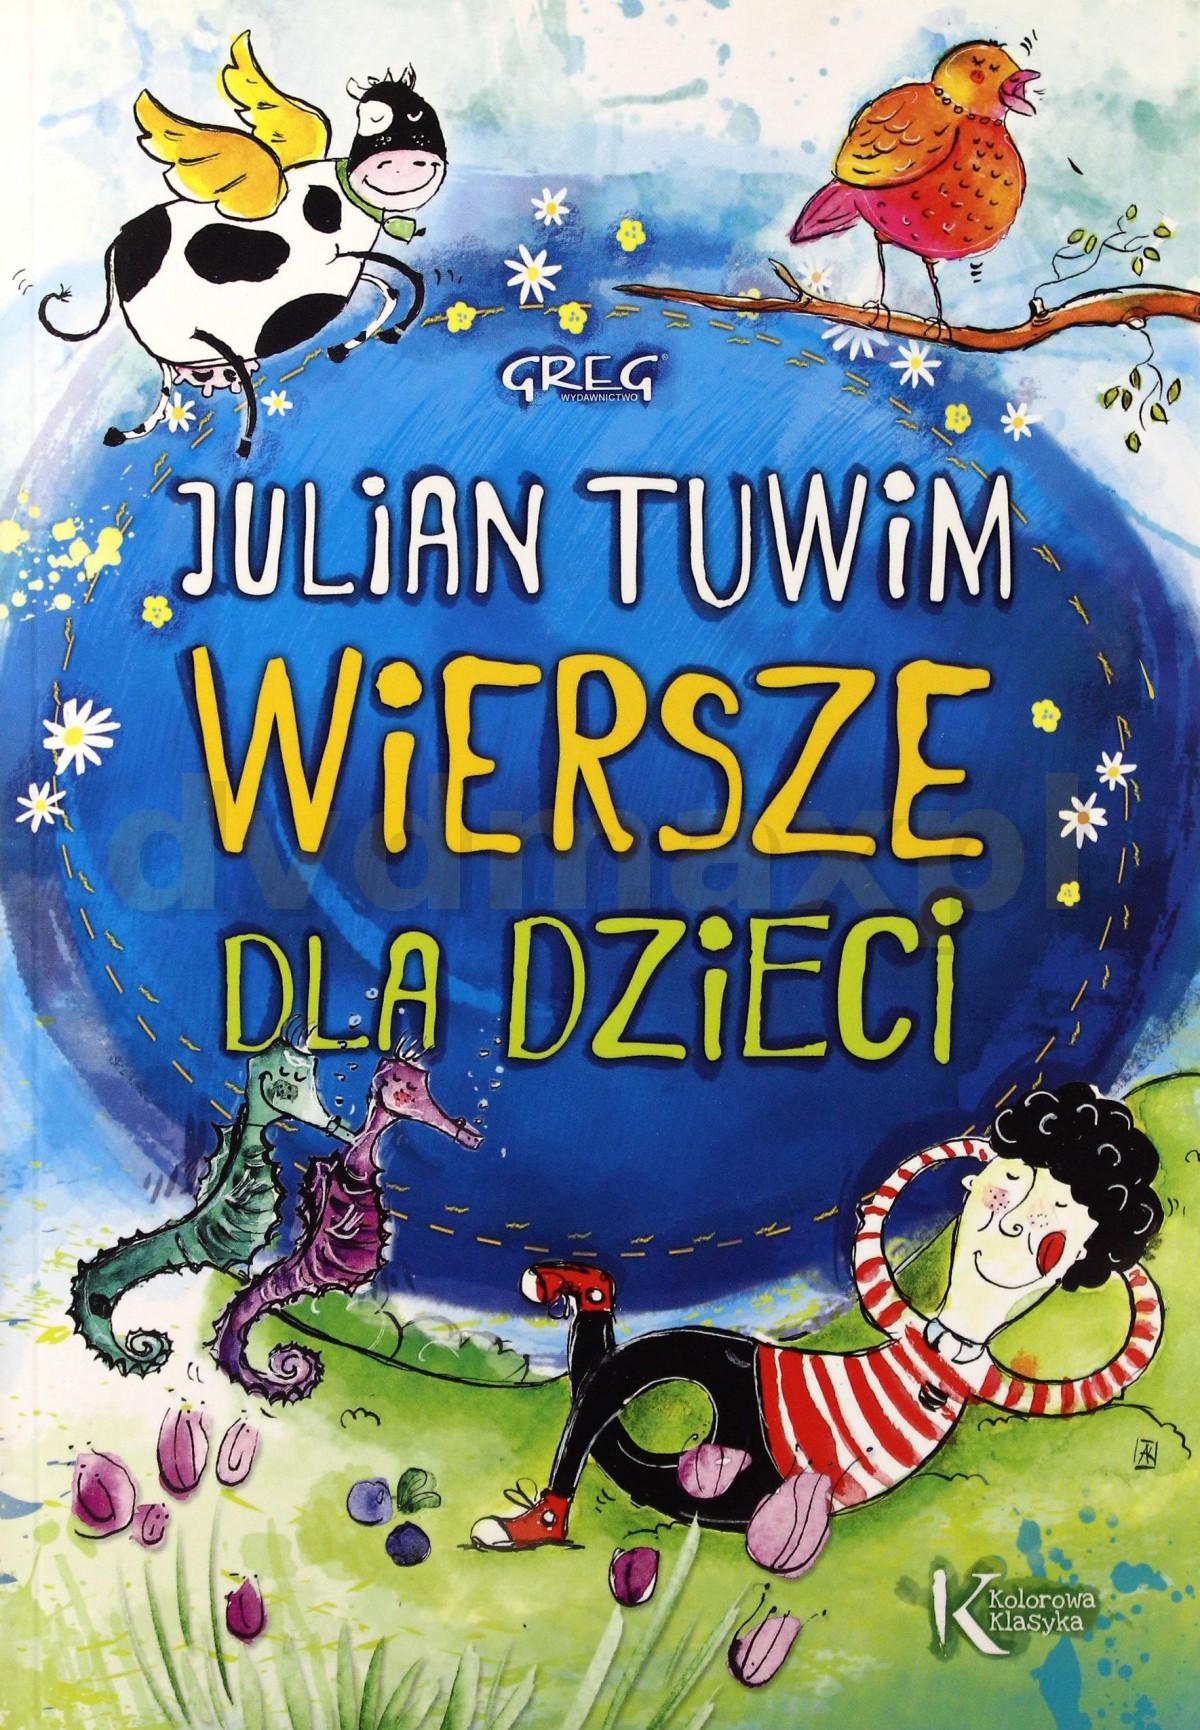 Wiersze Dla Dzieci - Julian Tuwim [KSIĄŻKA] - Julian Tuwim